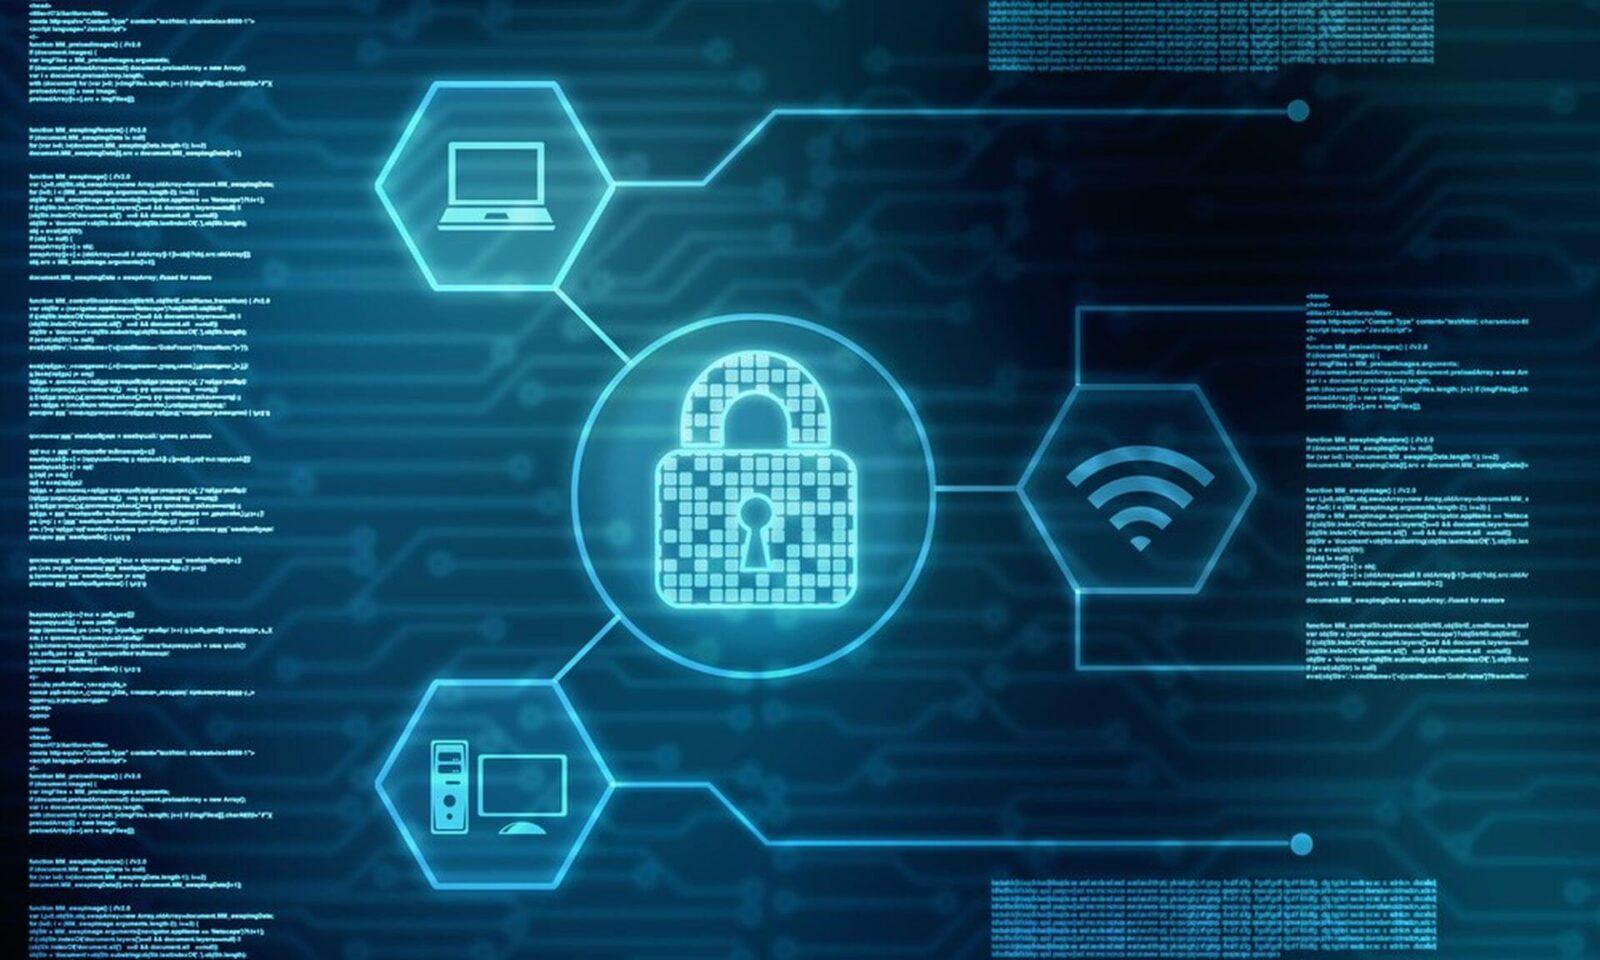 بهترین ابزارهای امنیت سرور سال 2021